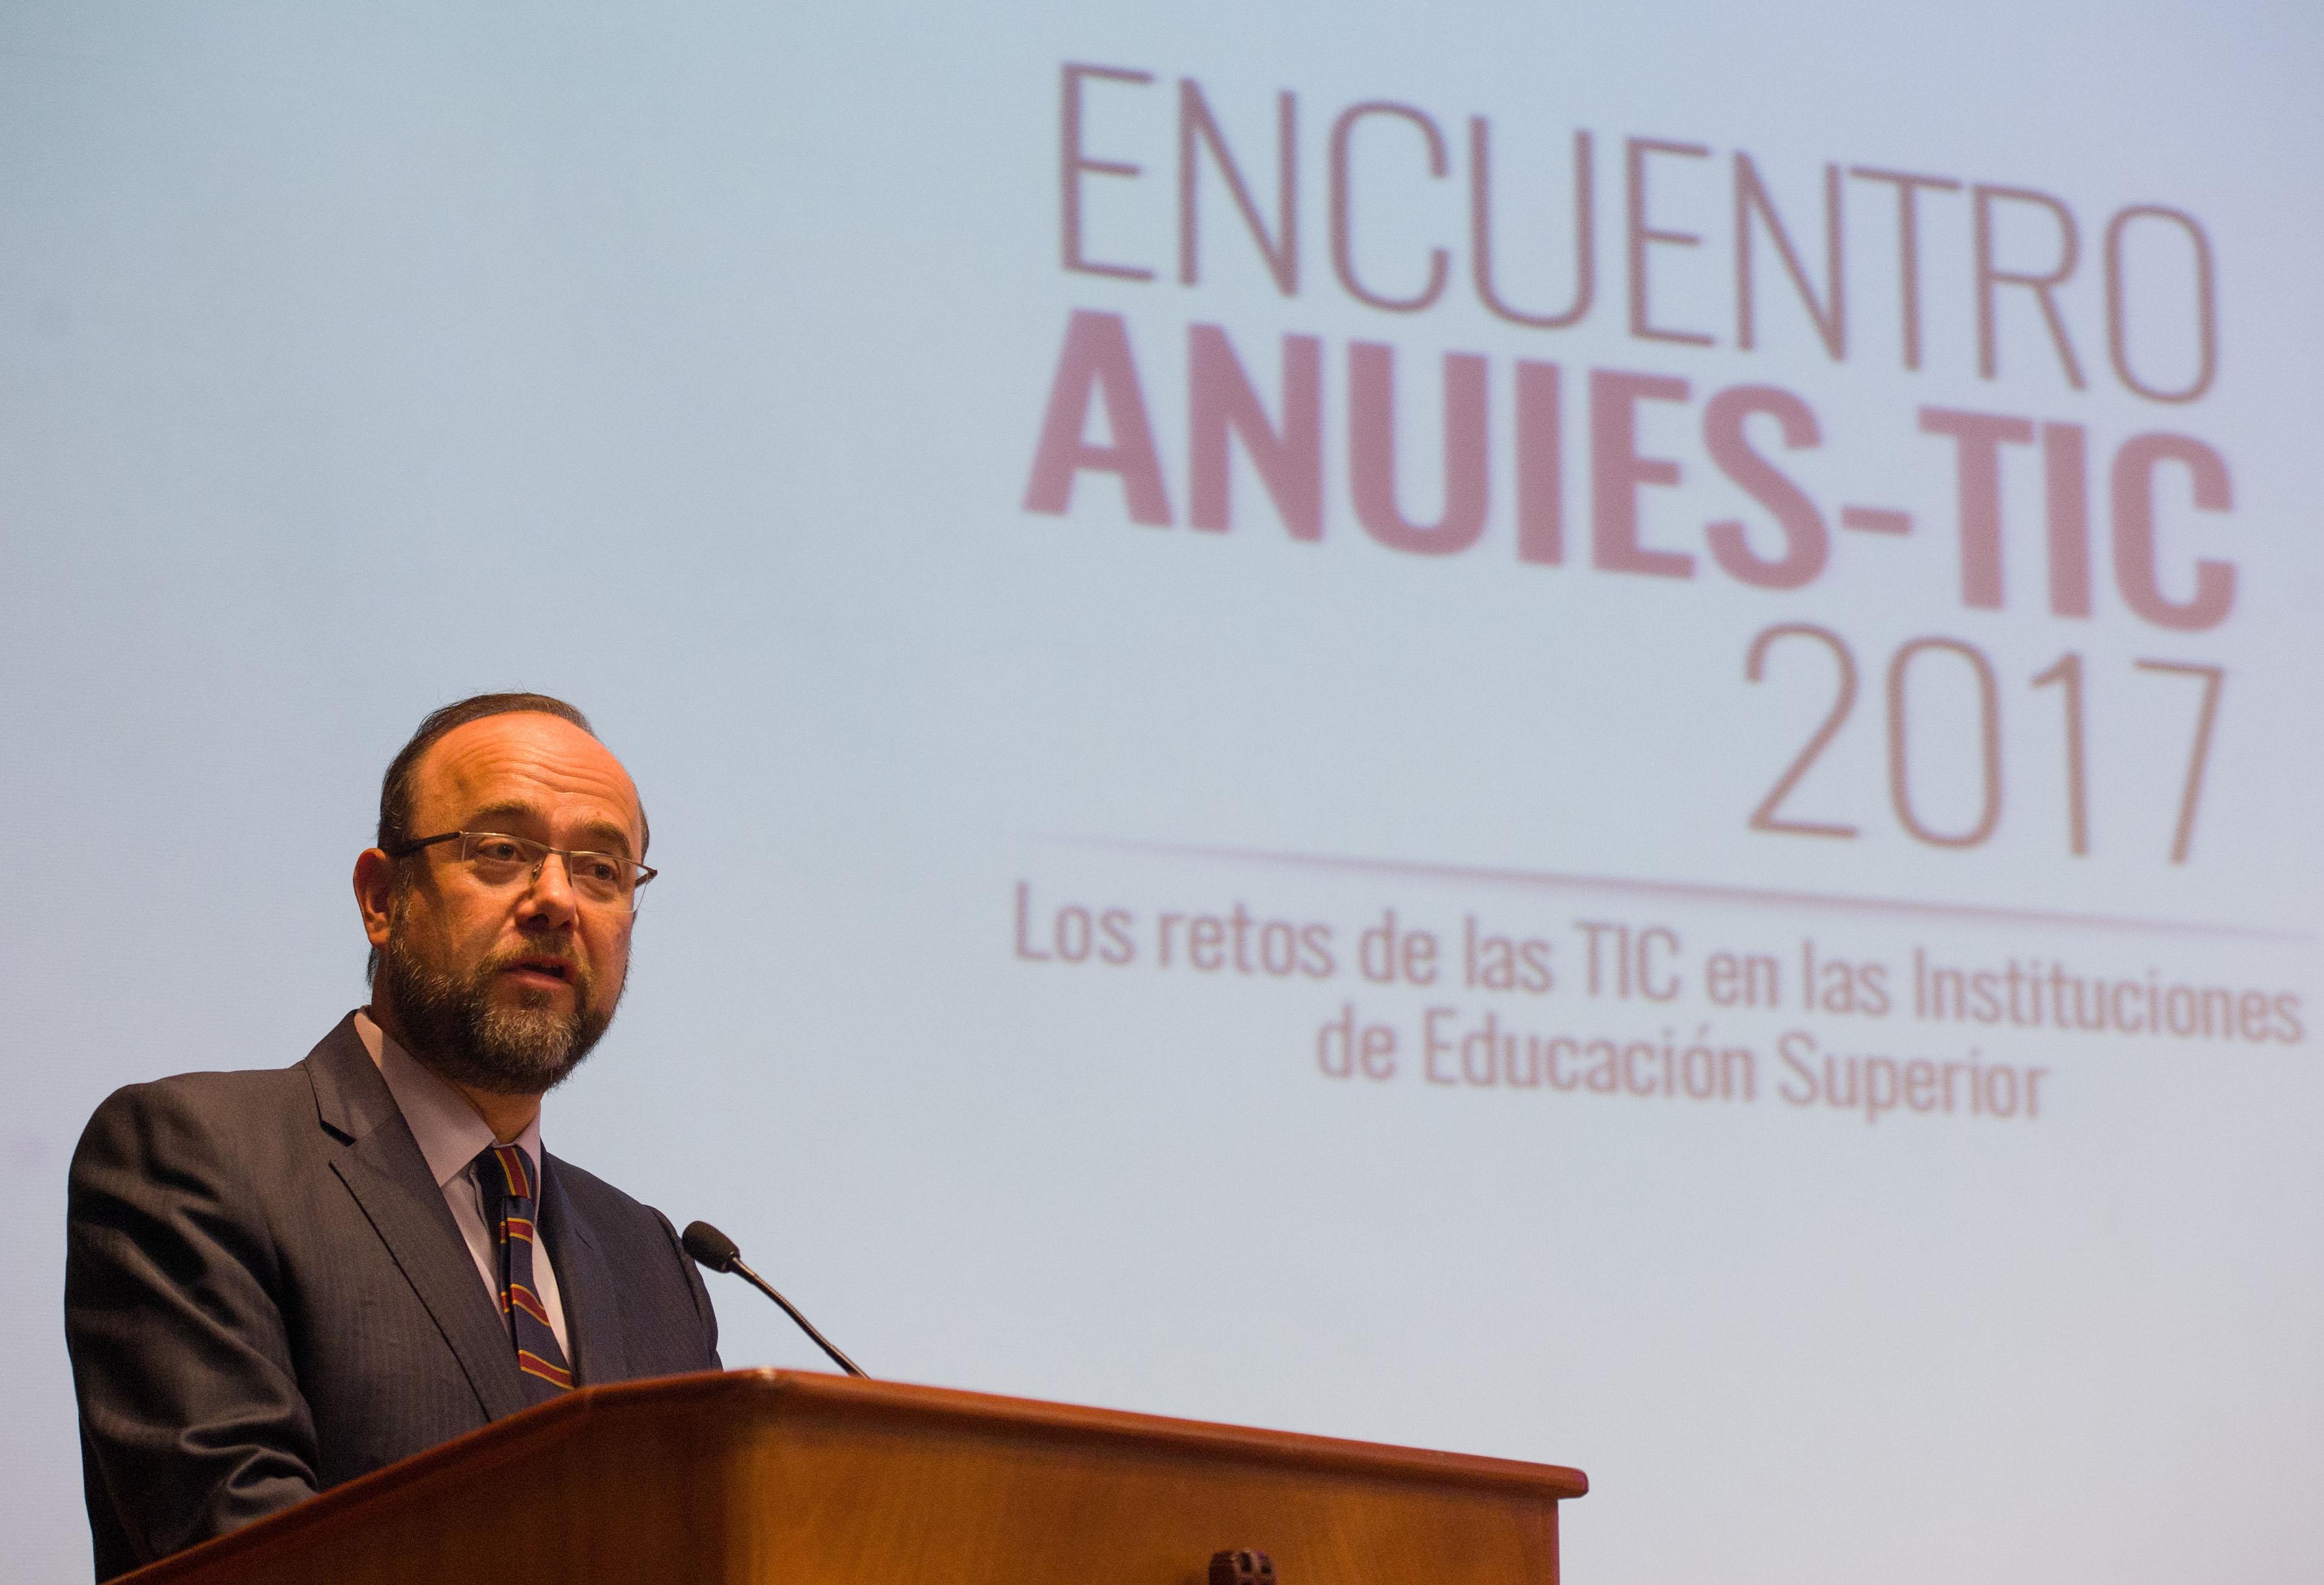 Mtro. Jaime Valls Esponda Jaime, Secretario General de la ANUIES, haciendo uso de la palabra